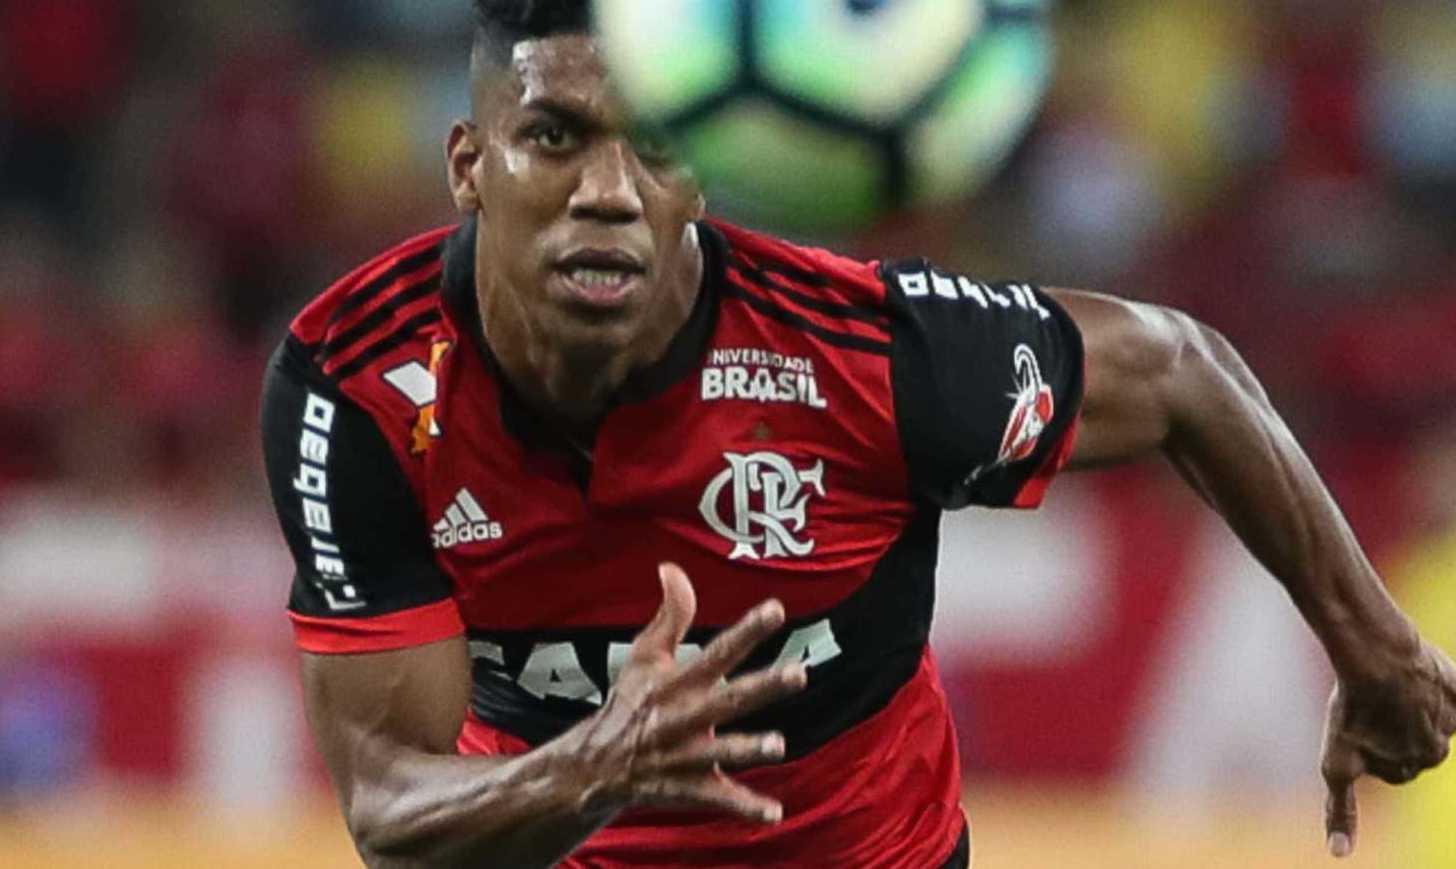 Berrío olha a bola no Maracanã. Foto: Gilvan de Souza/Flamengo